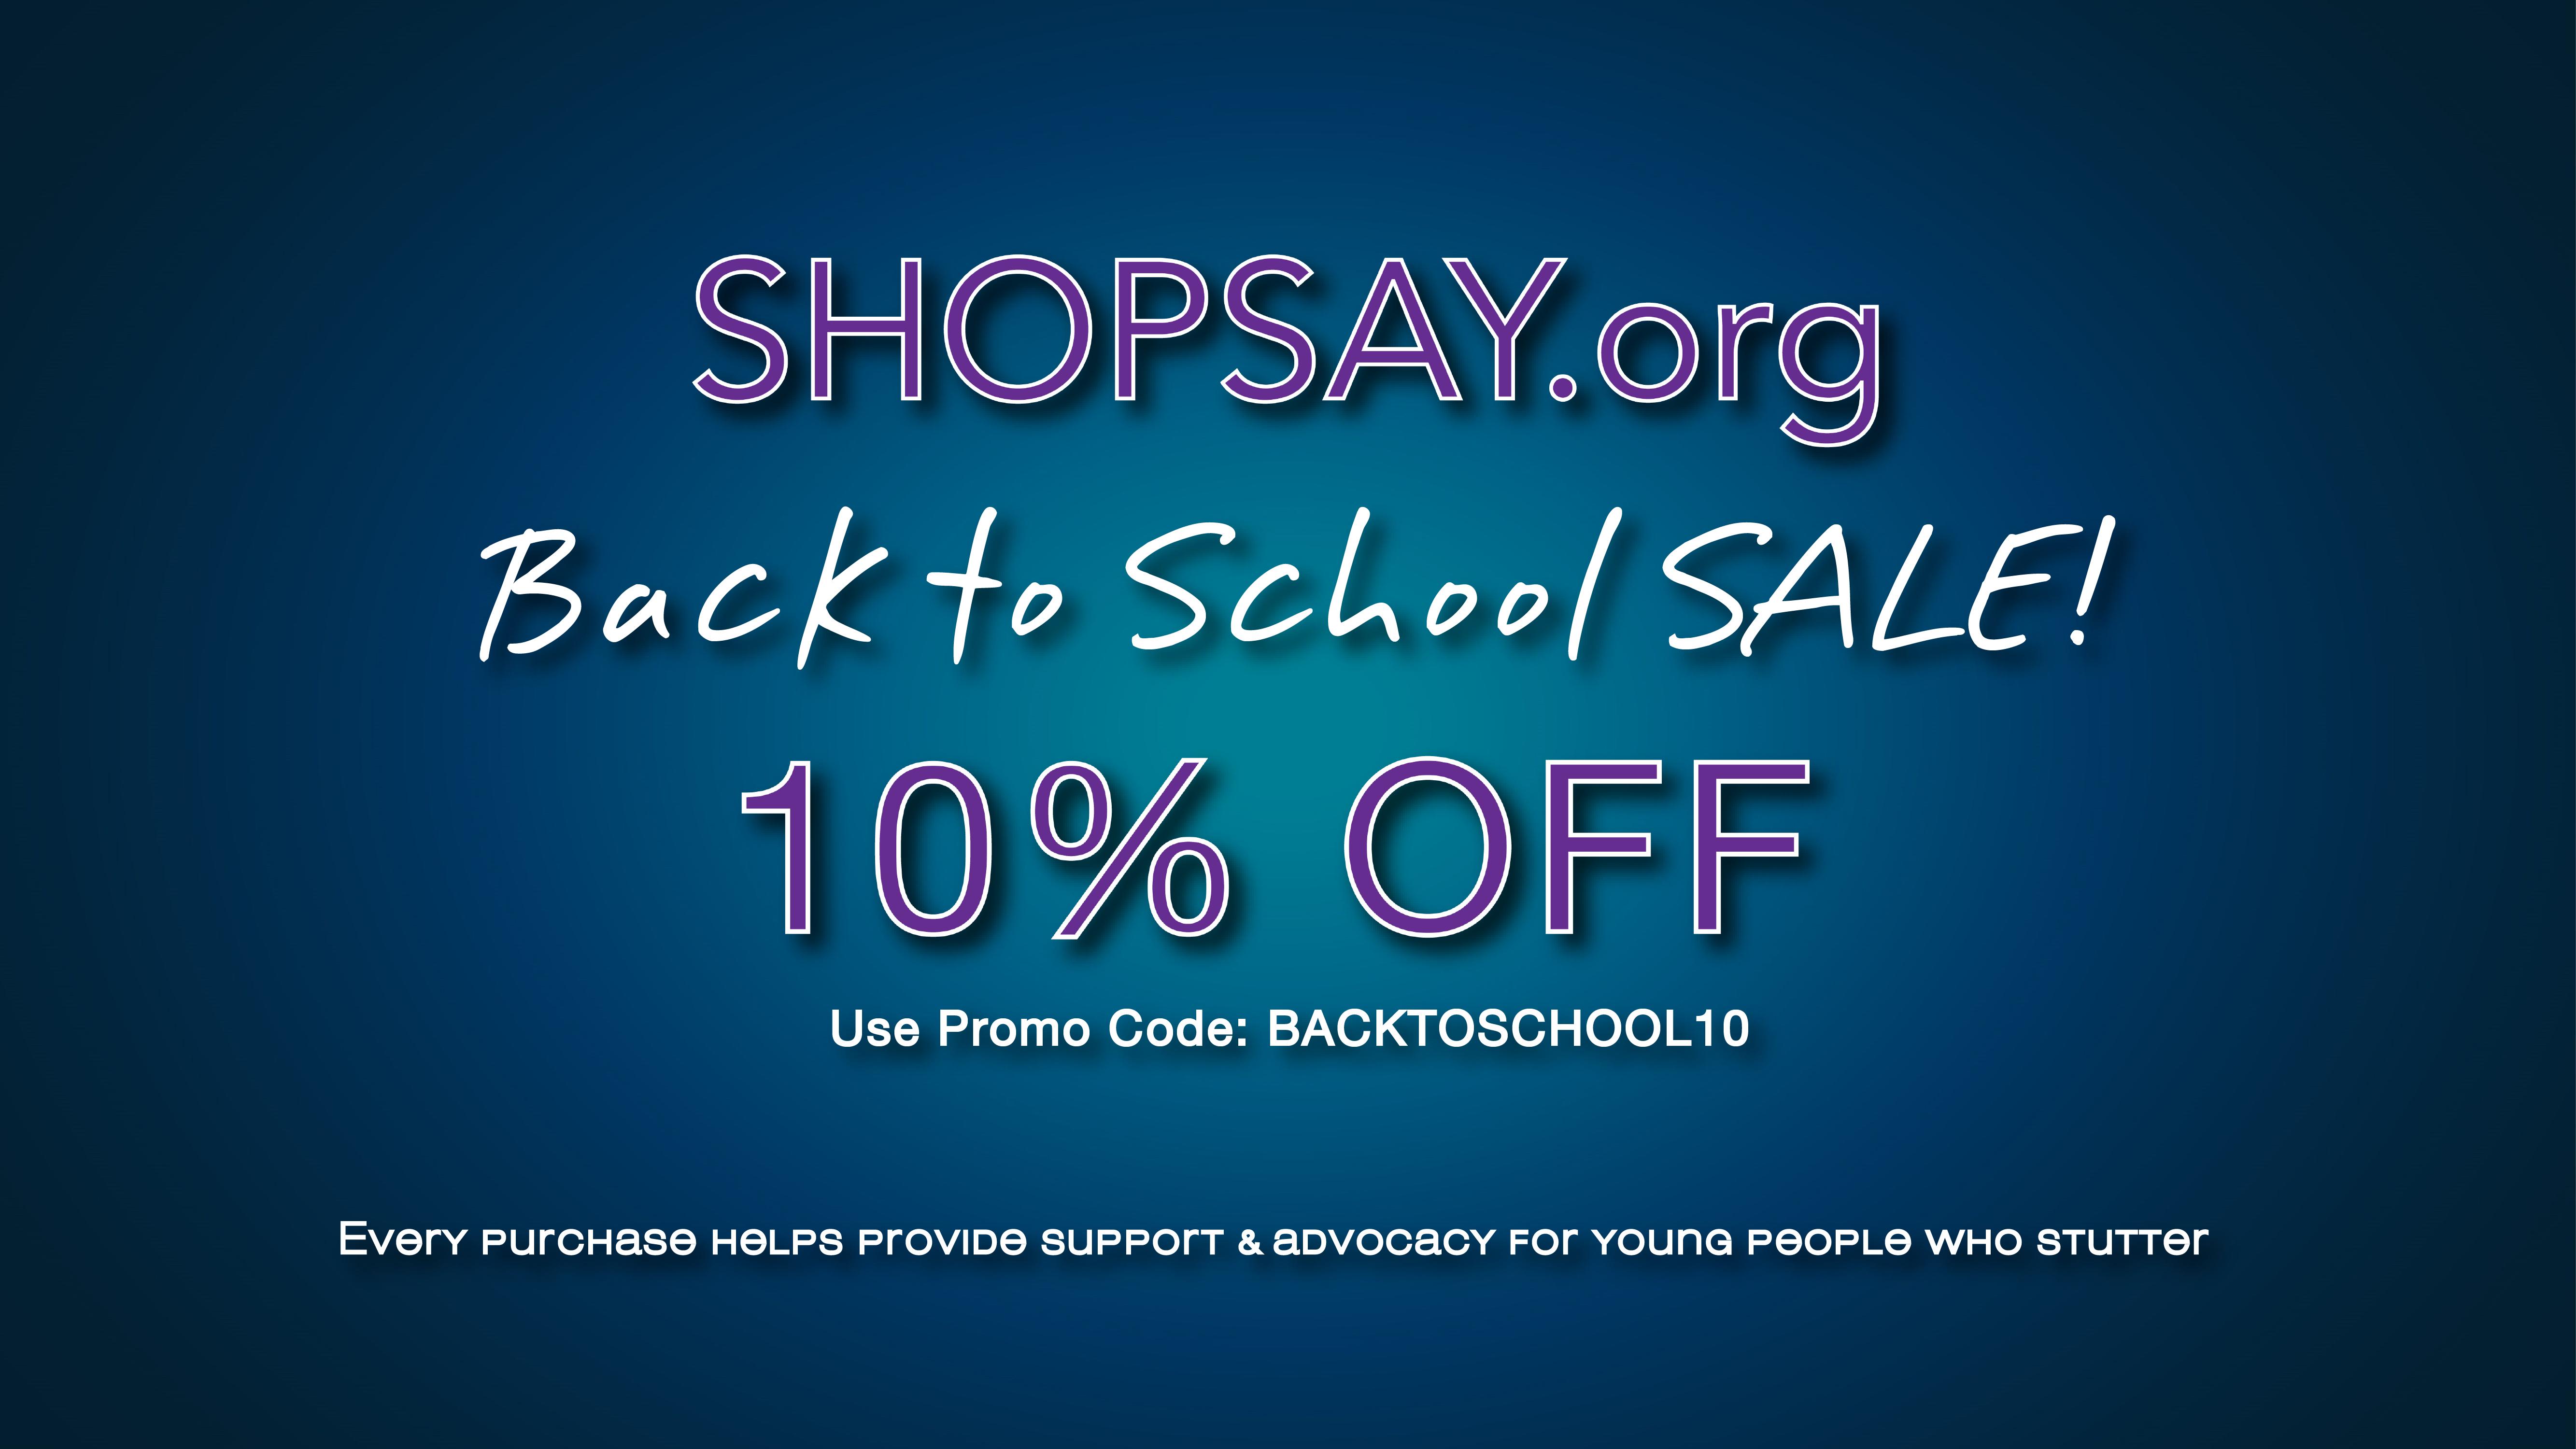 10% OFF at ShopSAY.org!